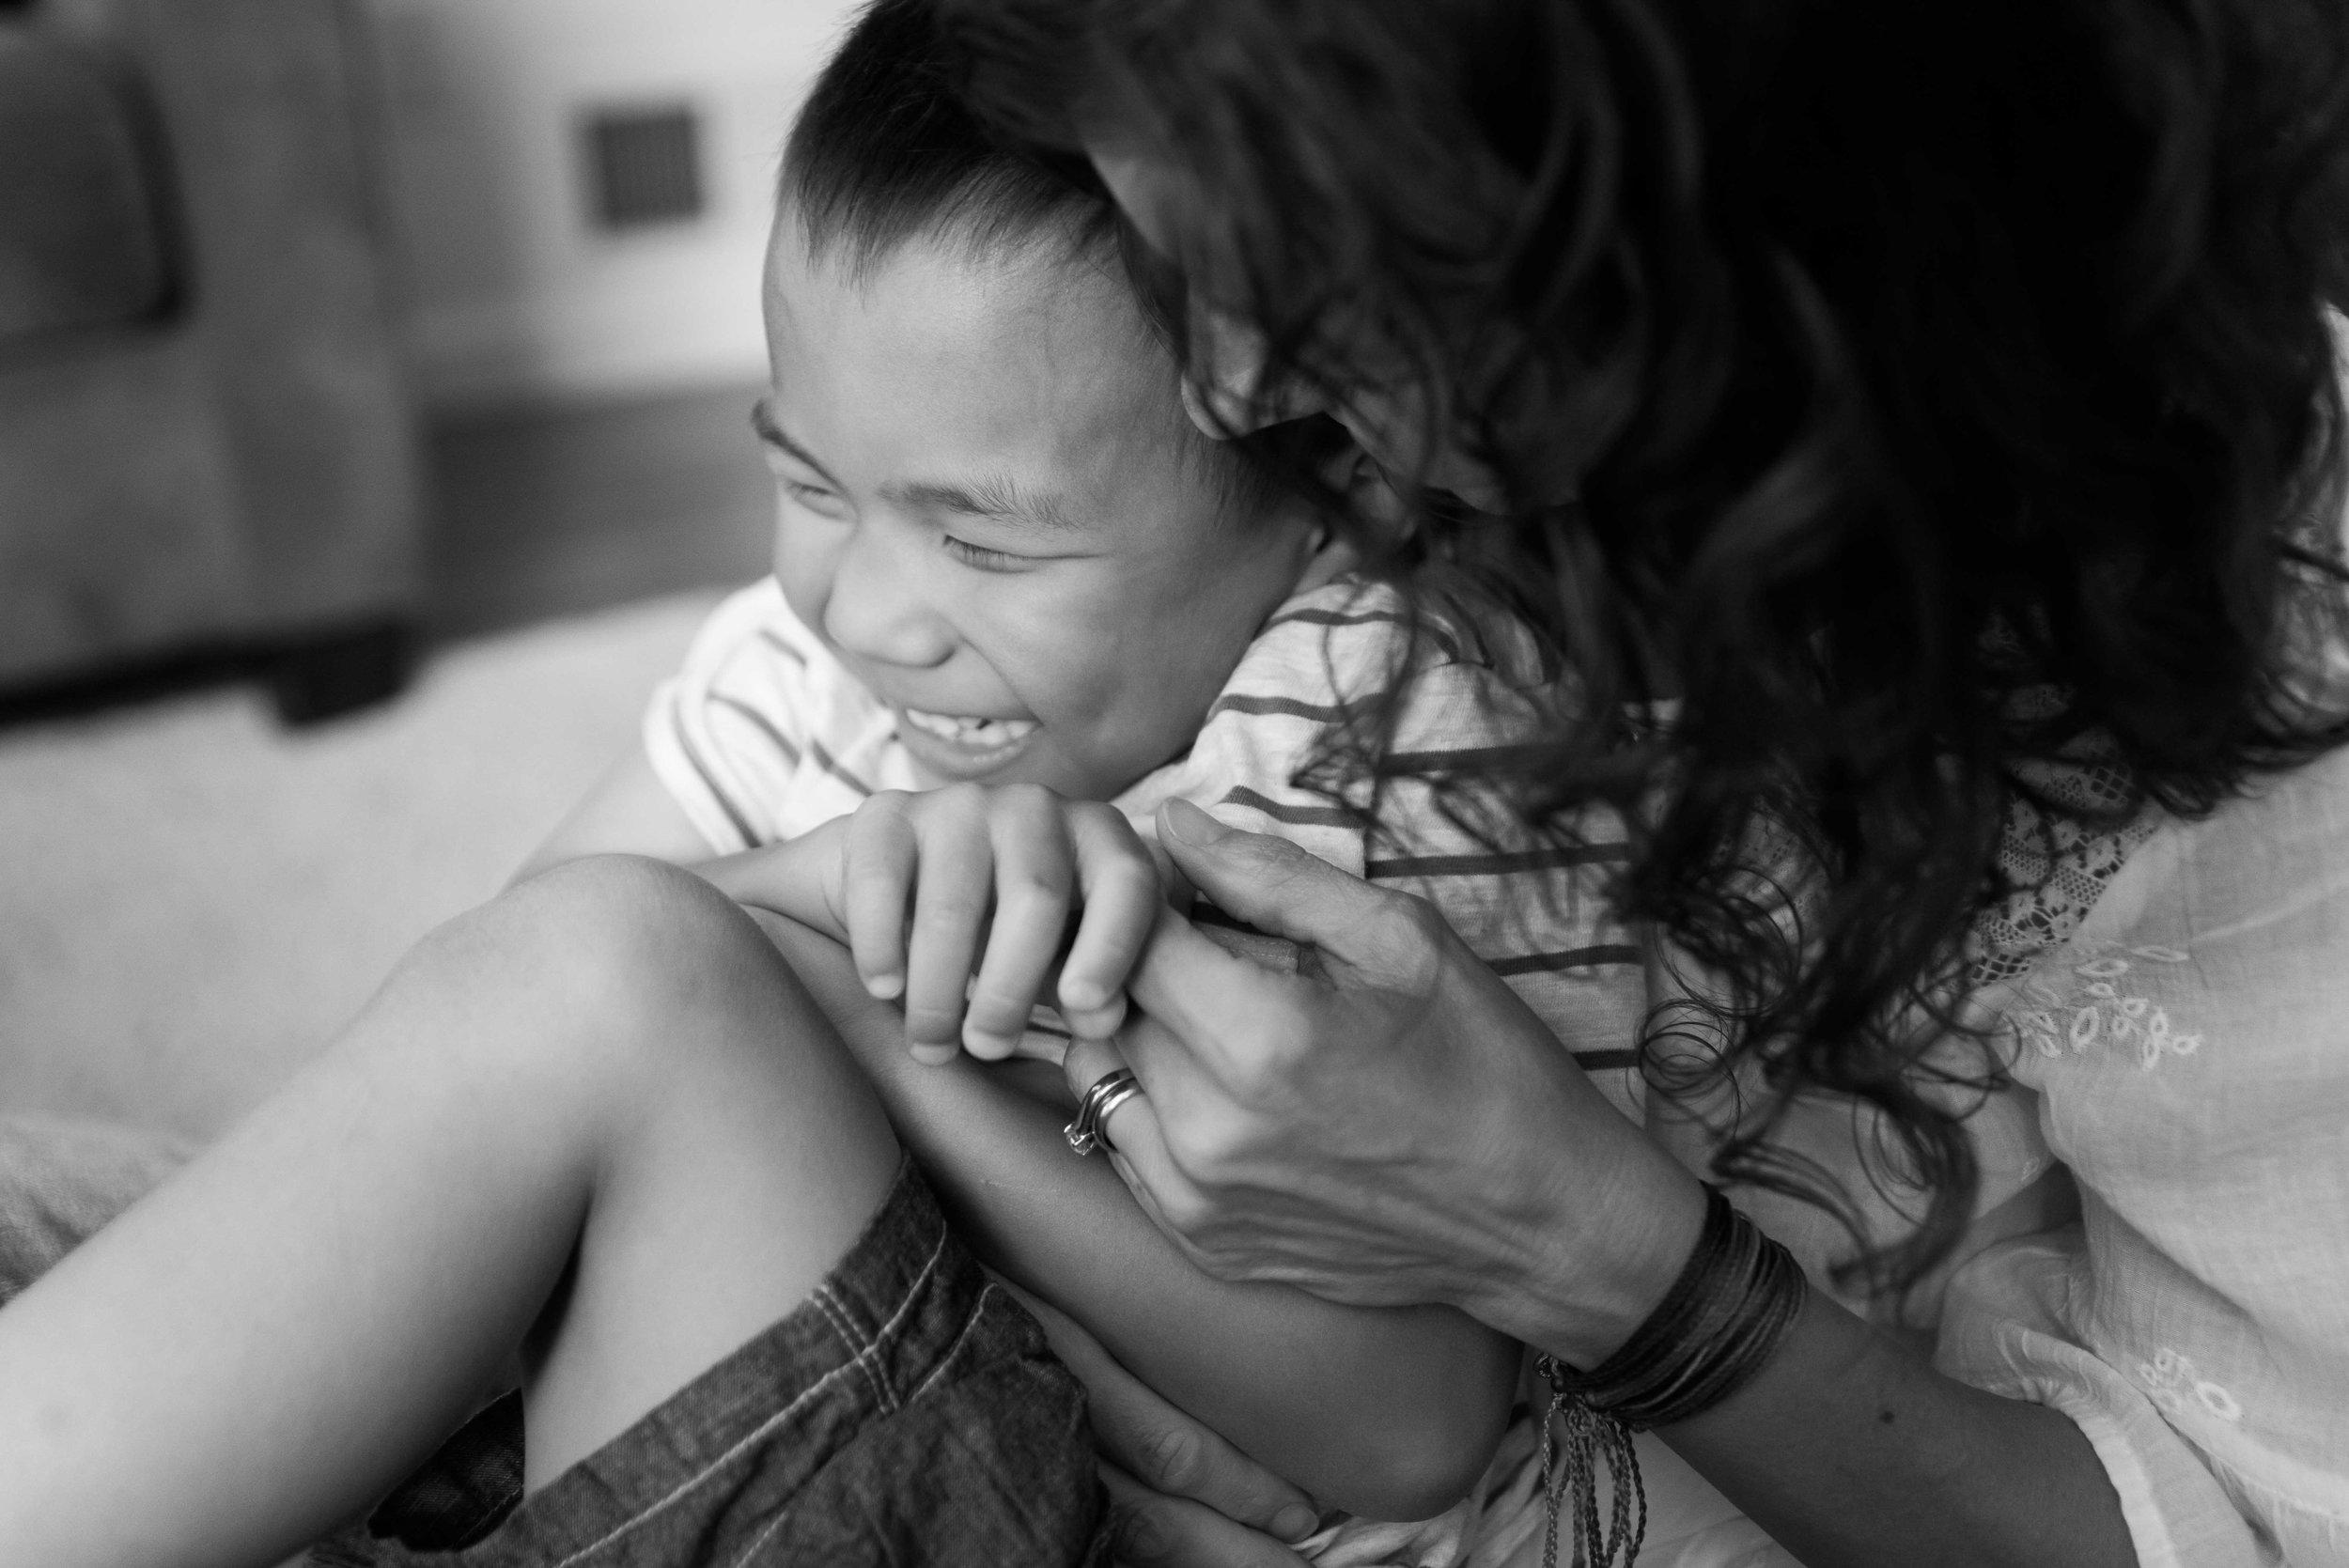 Albuquerque Newborn and Family Photographer SMA Photography Portfolio-5.jpg